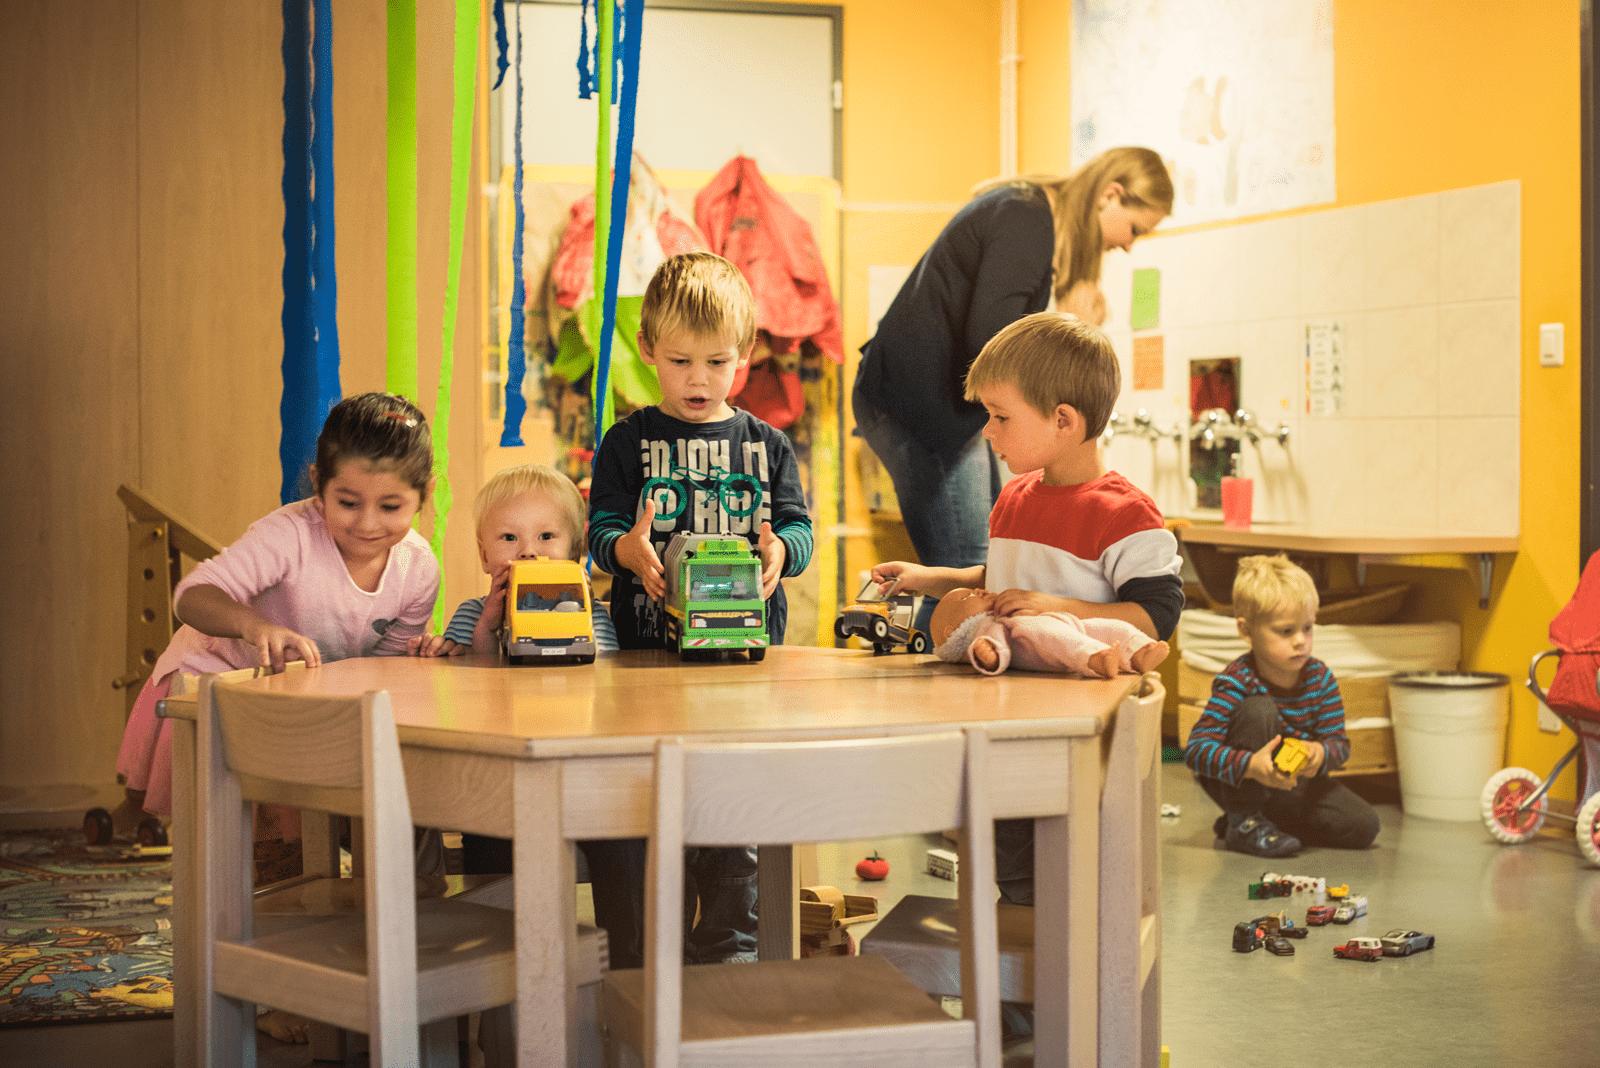 Kinder zeigen stolz ihre Autos die sie zum Spielen haben.